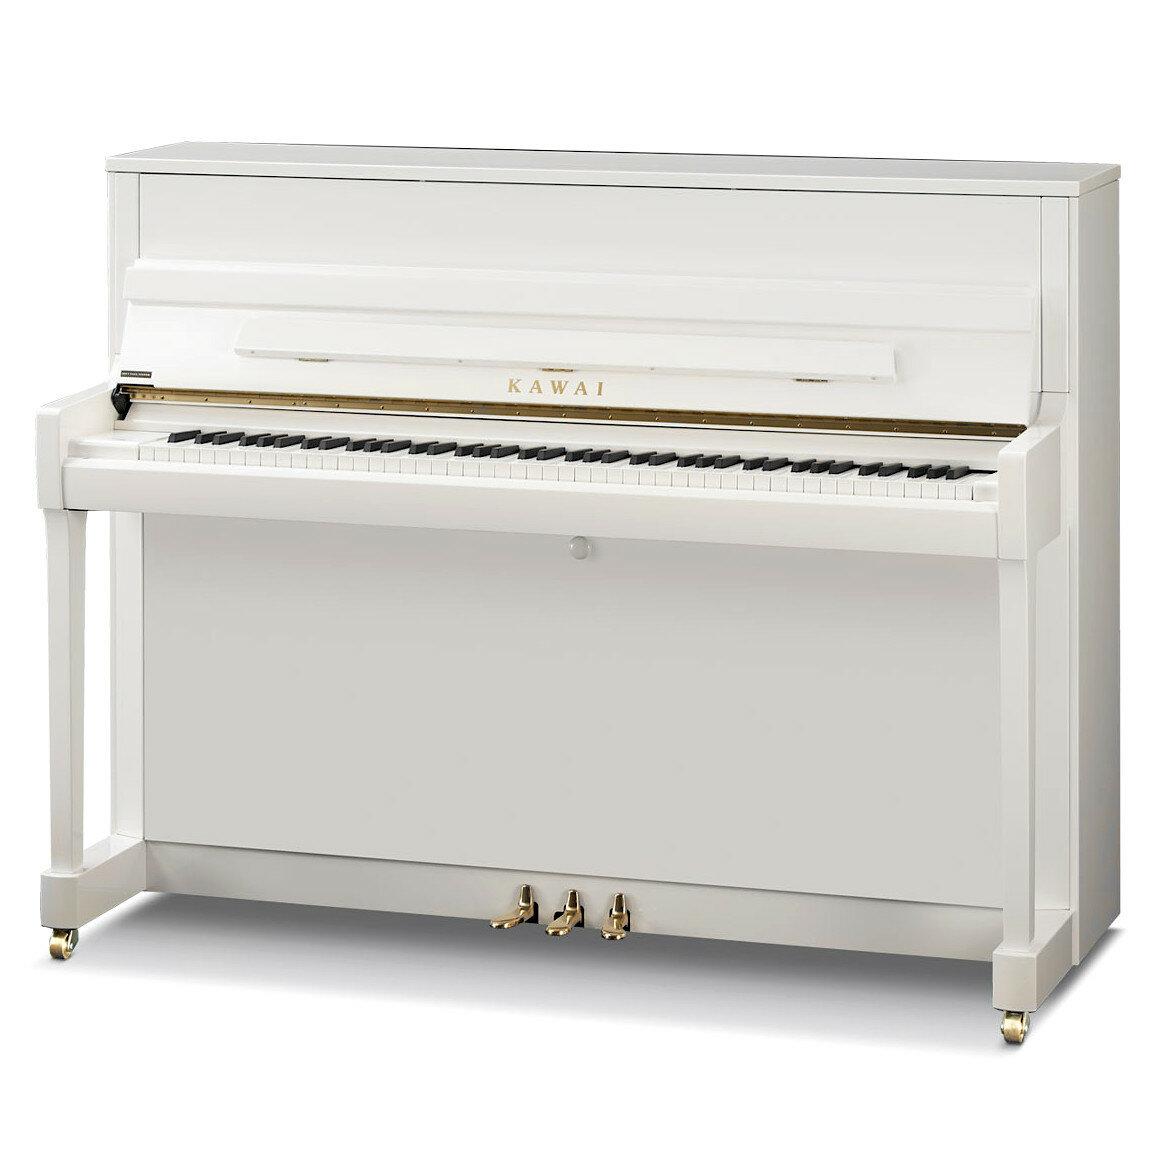 KAWAI K-200 WH/P, цвет белый полированный (Акустические пианино)